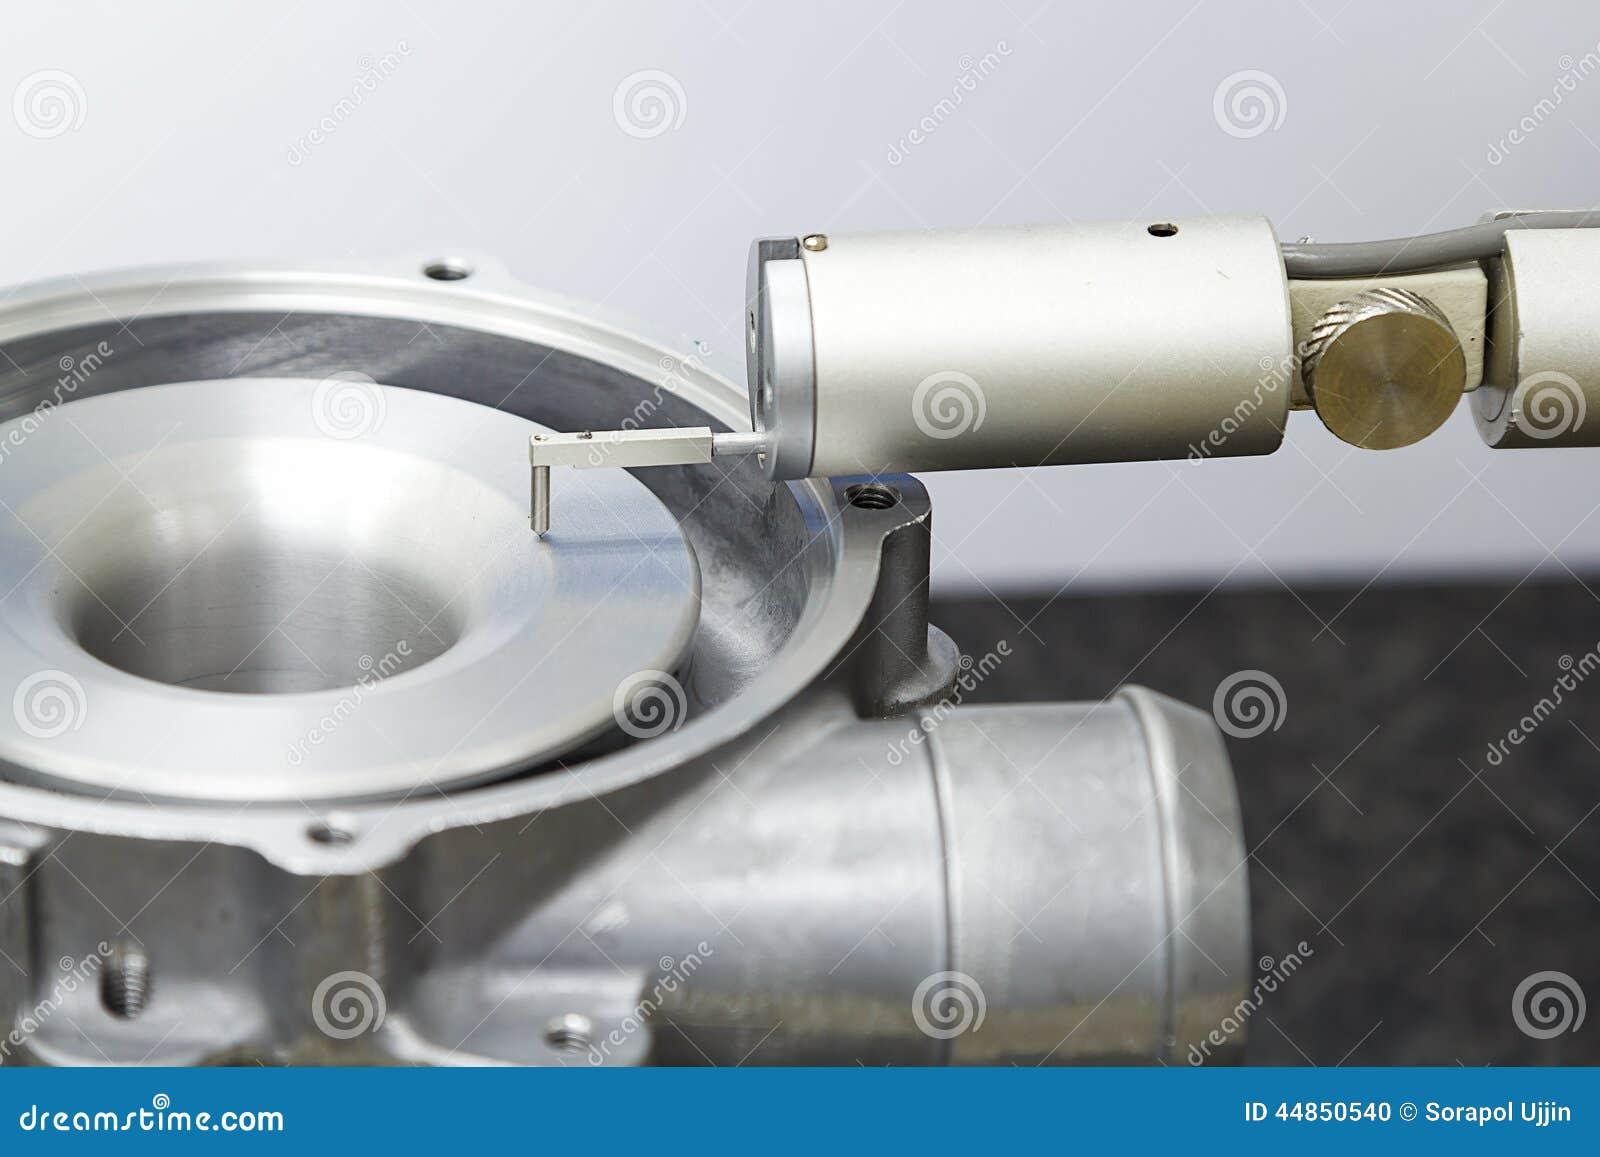 Turbo de oppervlakteruwheid door ruwheid meetapparaat van de exploitantinspectie